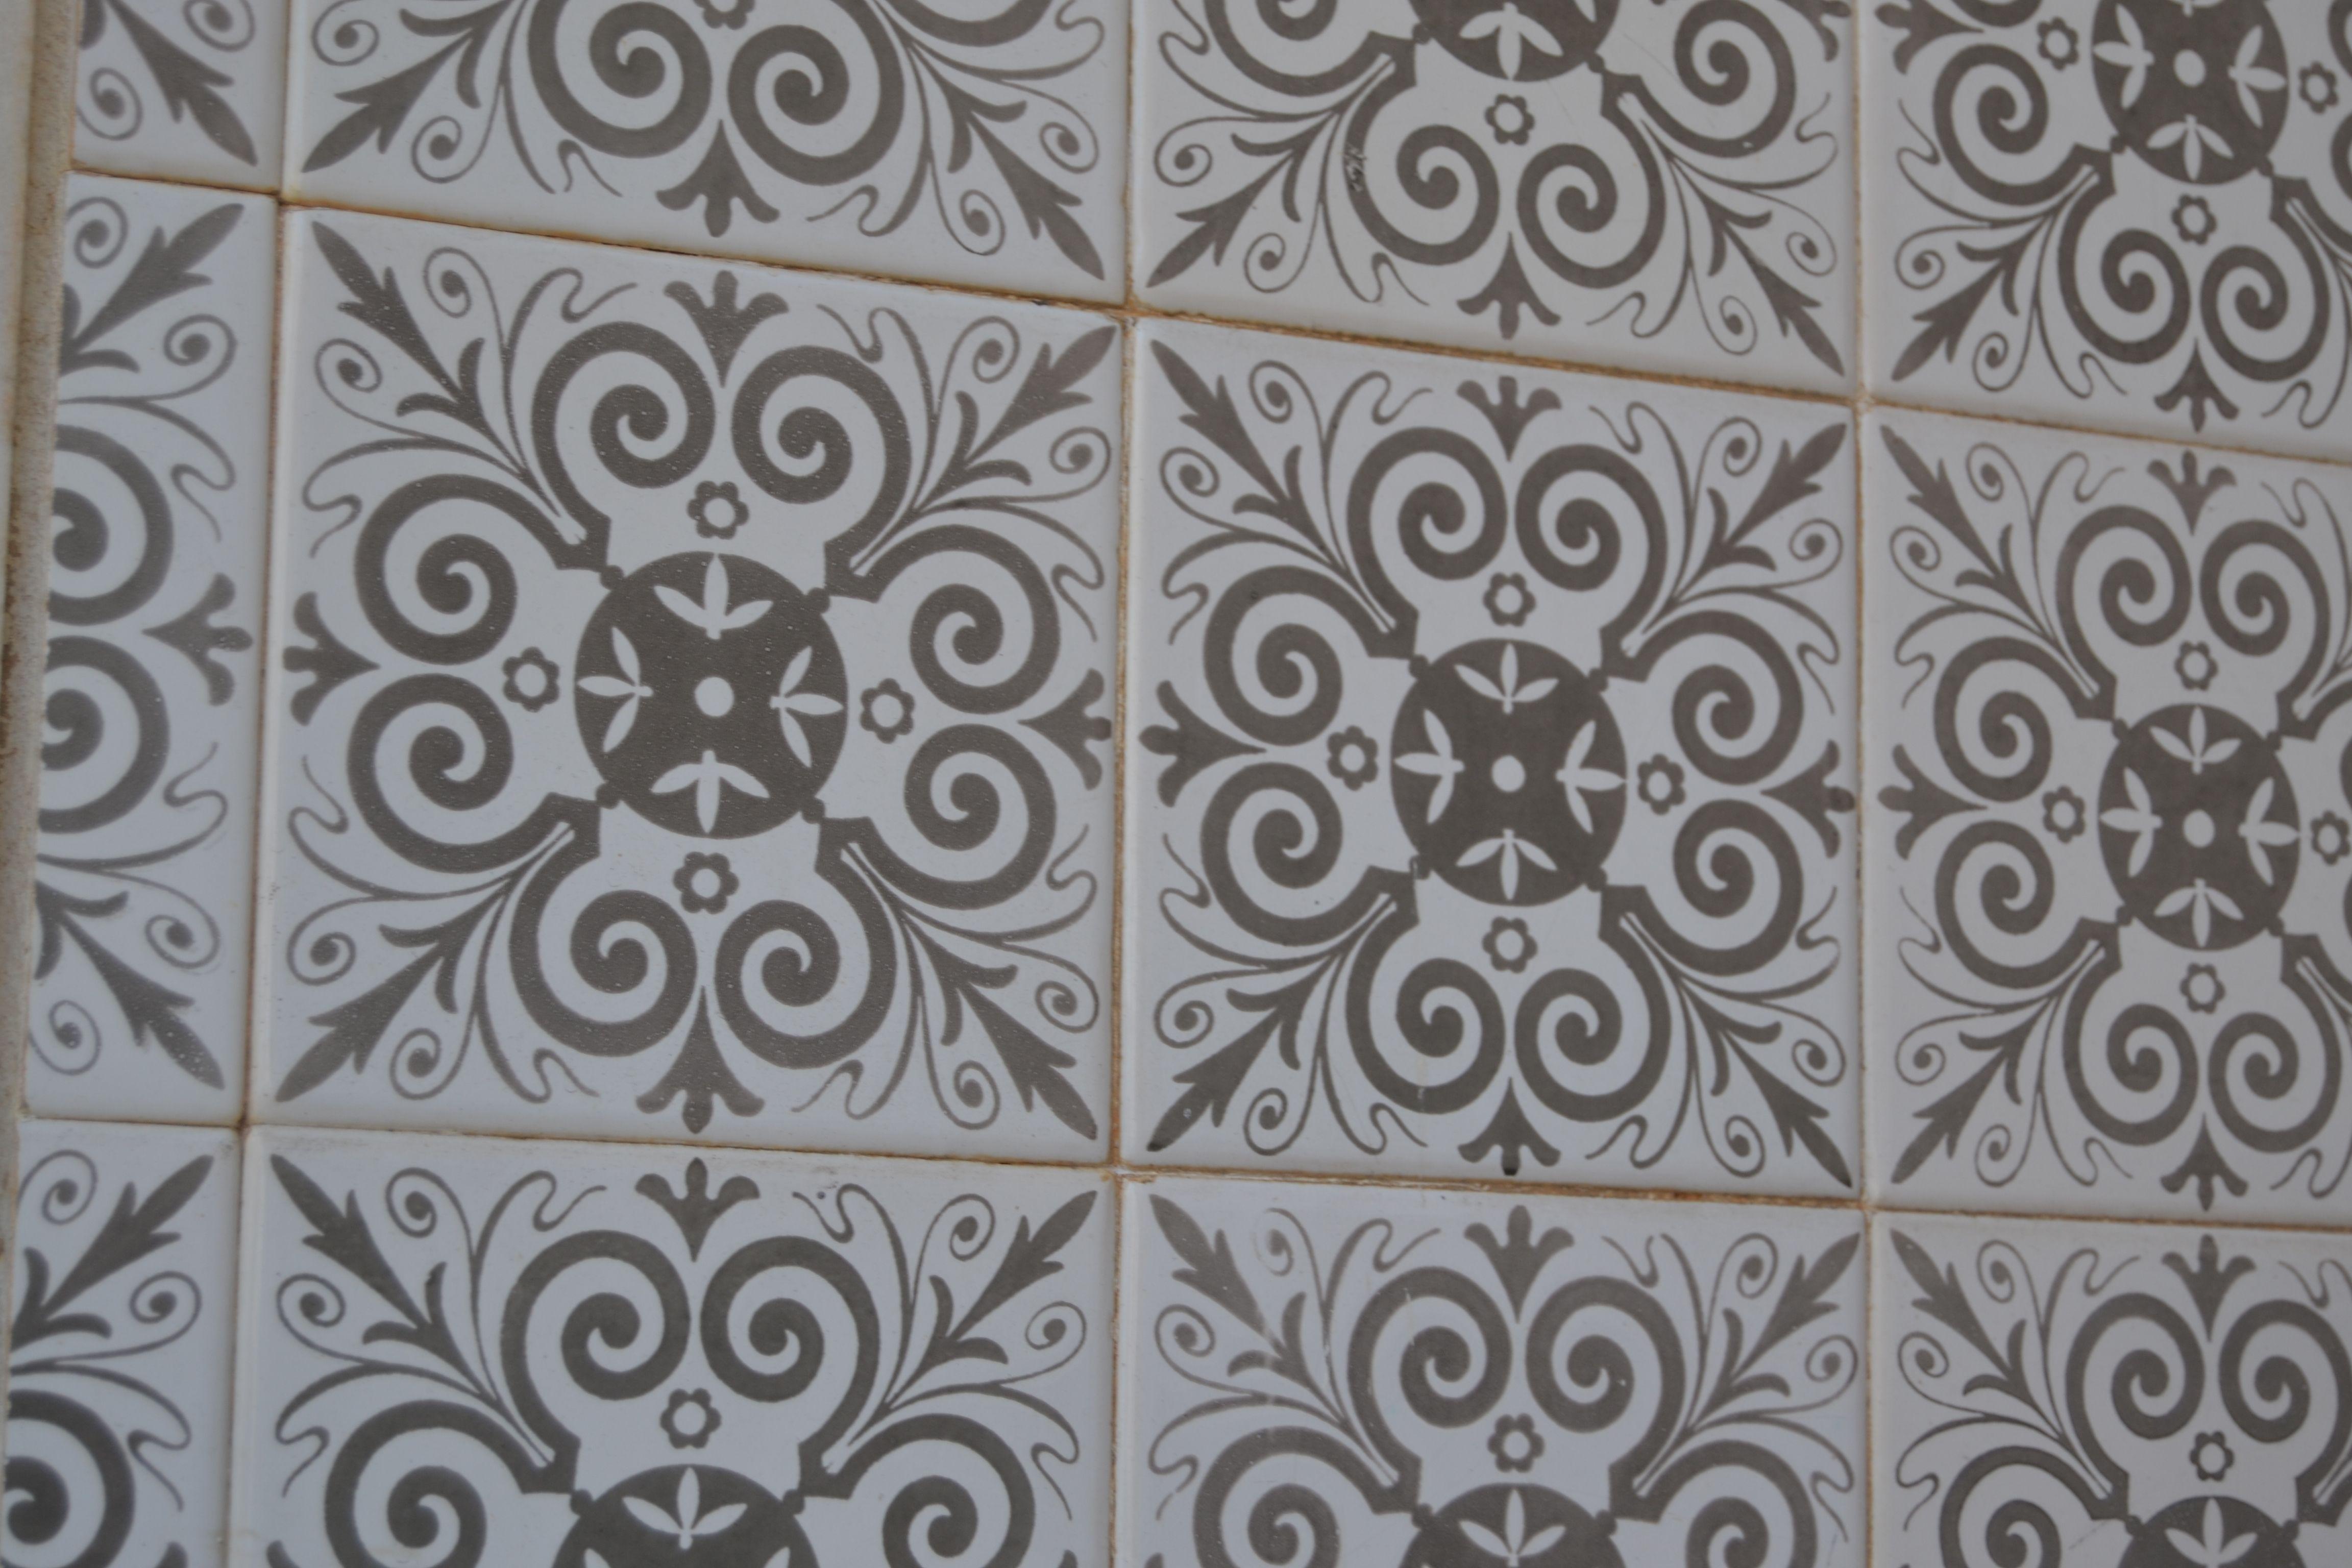 algarve #tiles #patterns #colourful #quarteira #simple | tile ...